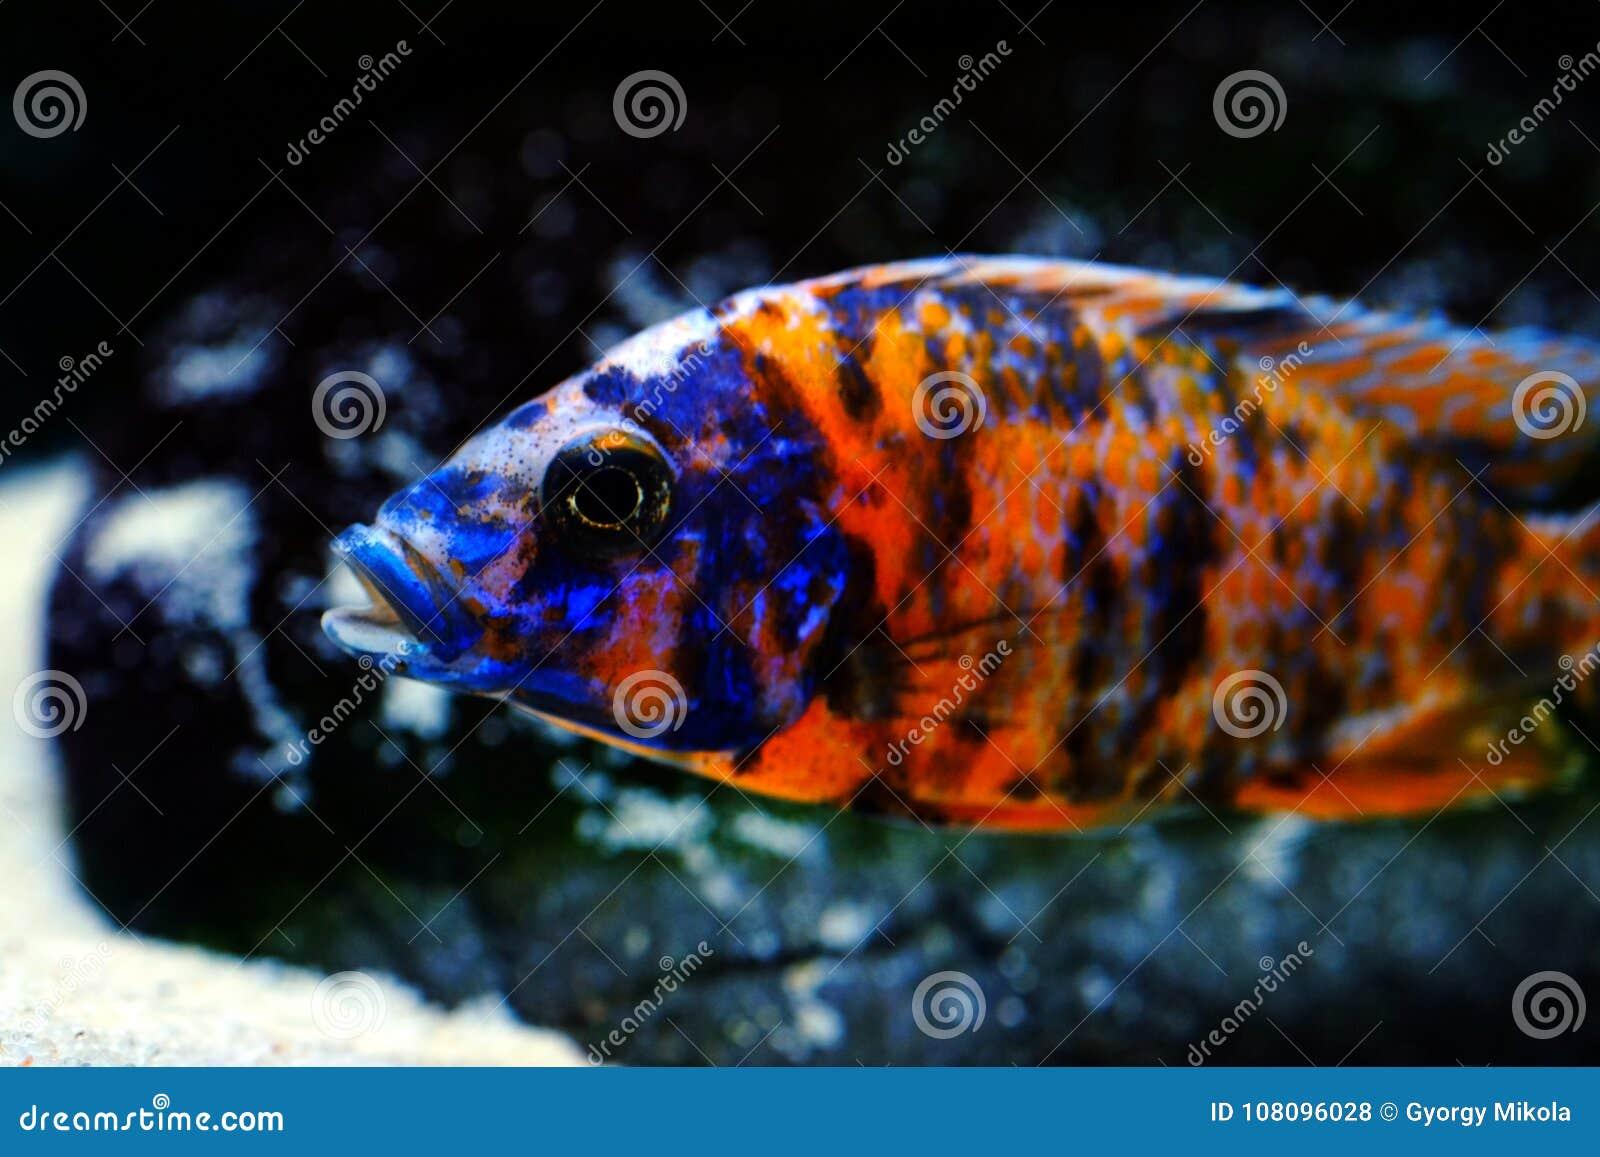 Malawi Cichlid Aulonocara Akwarium Ryba Słodkowodna Zdjęcie Stock